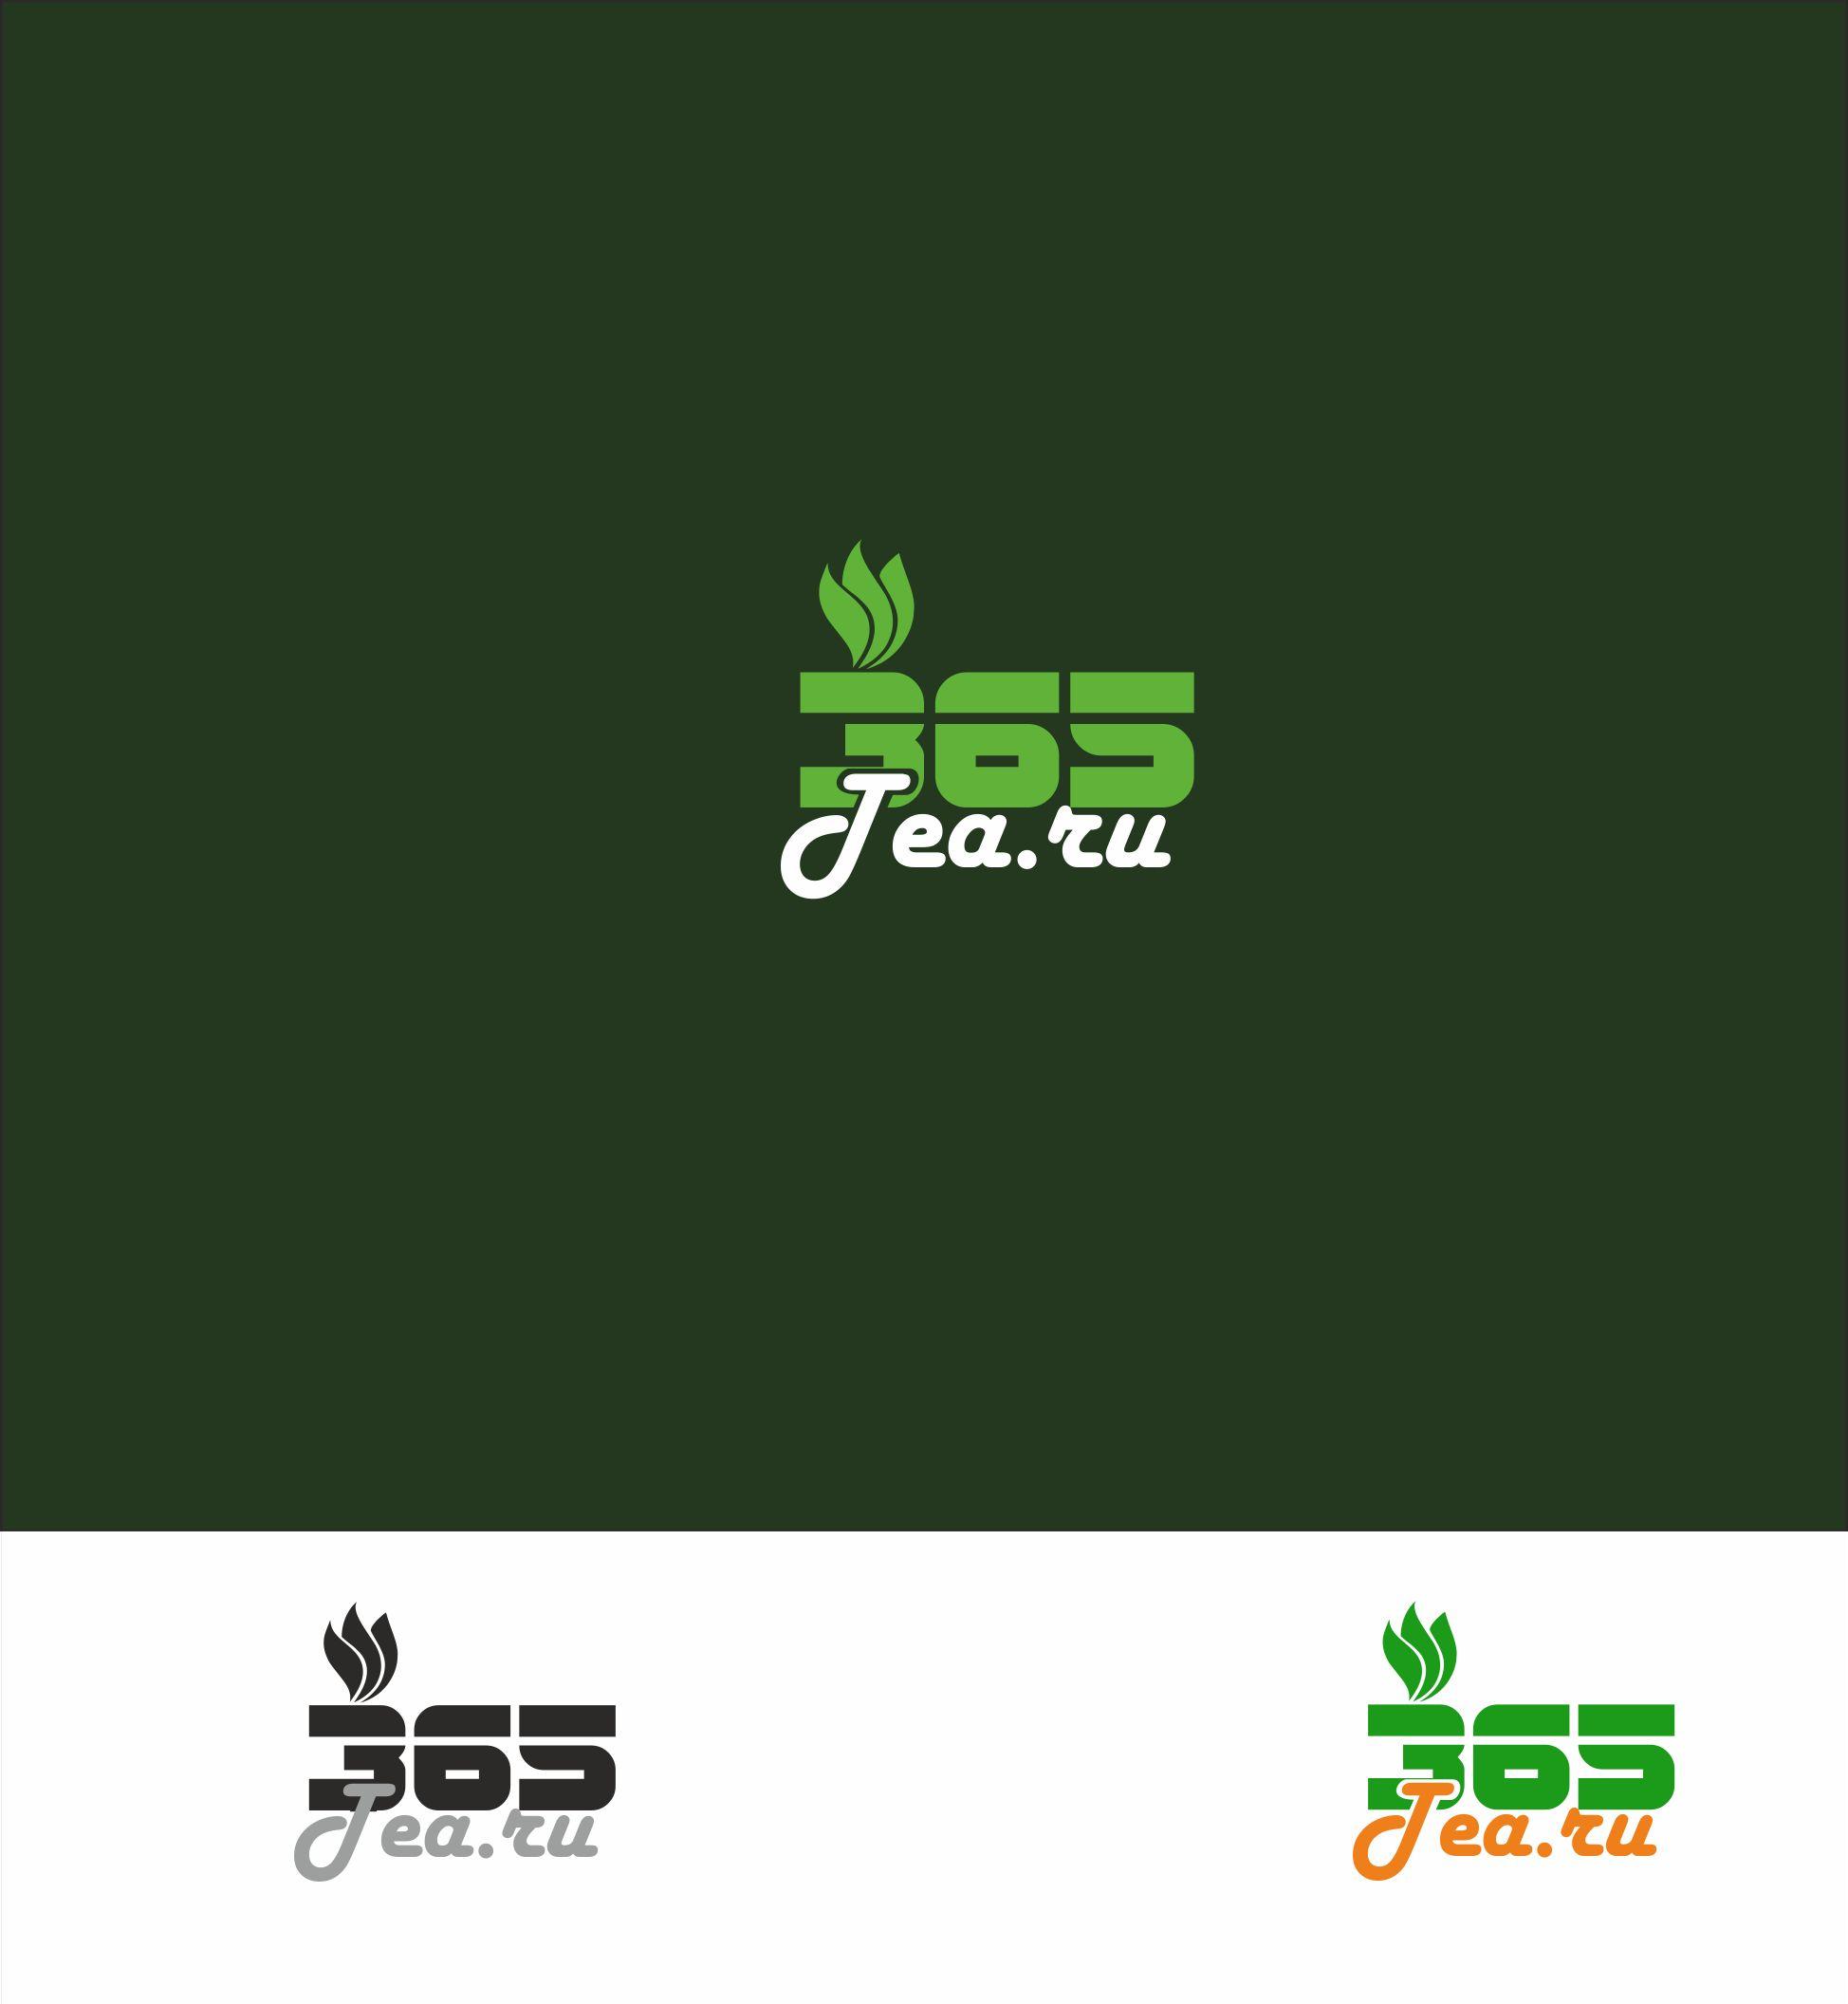 Логотип для 365tea.ru или 365TEA.RU - дизайнер sv58